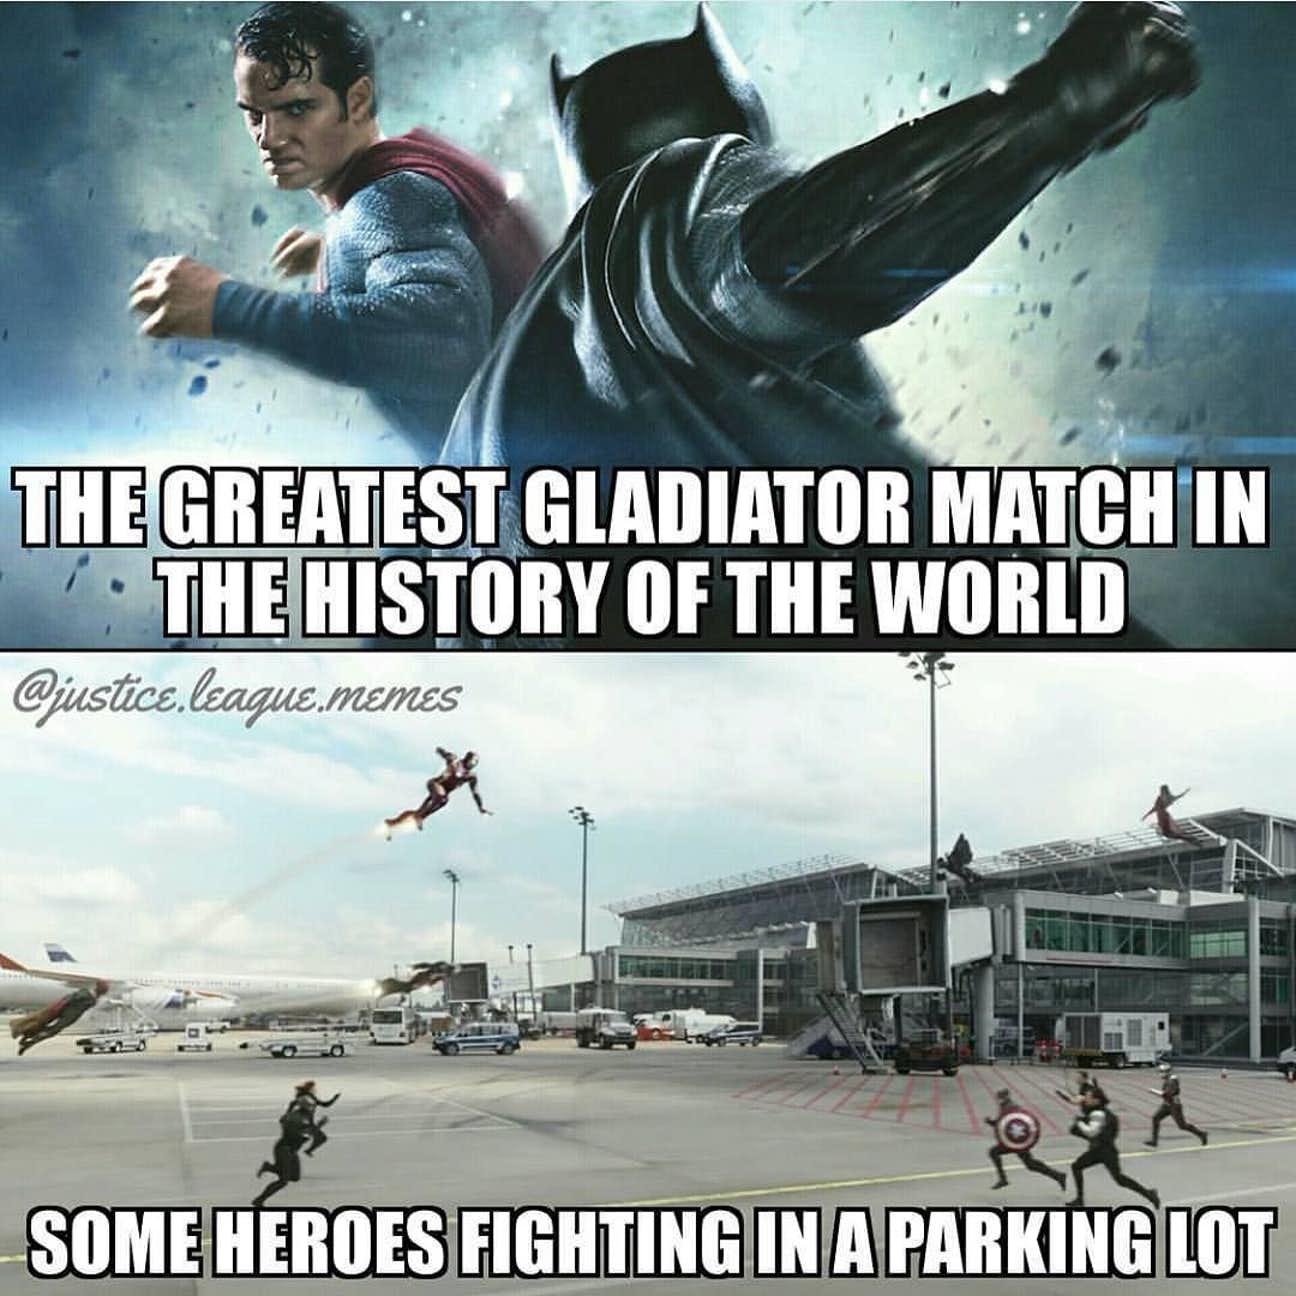 Justice League puns 4 (1)